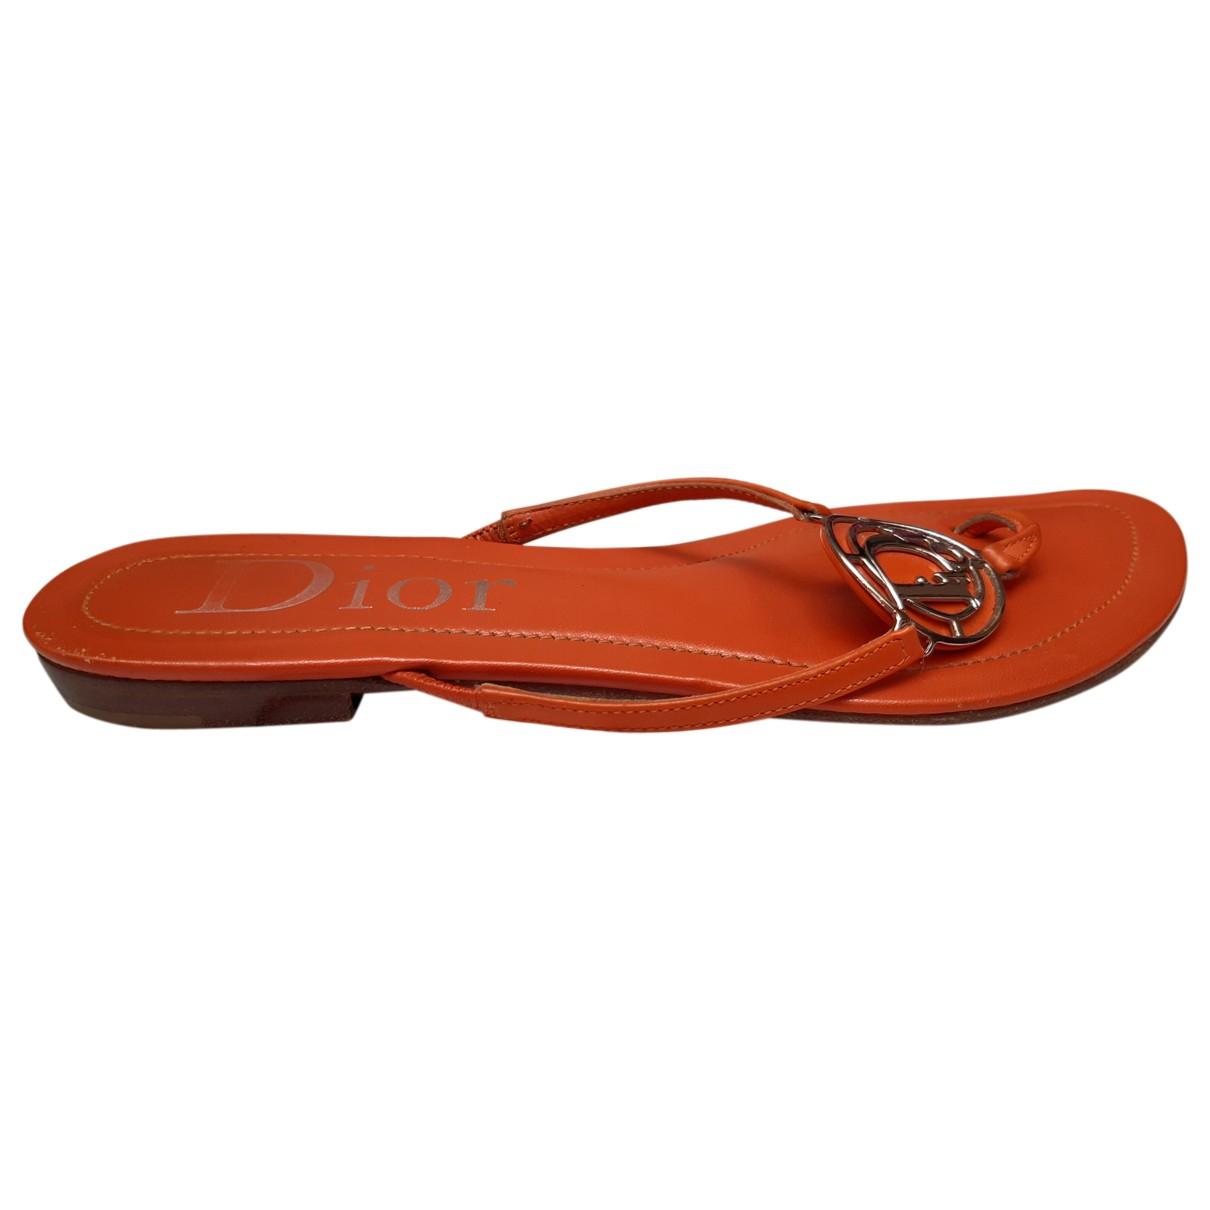 Dior - Sandales   pour femme en cuir - orange